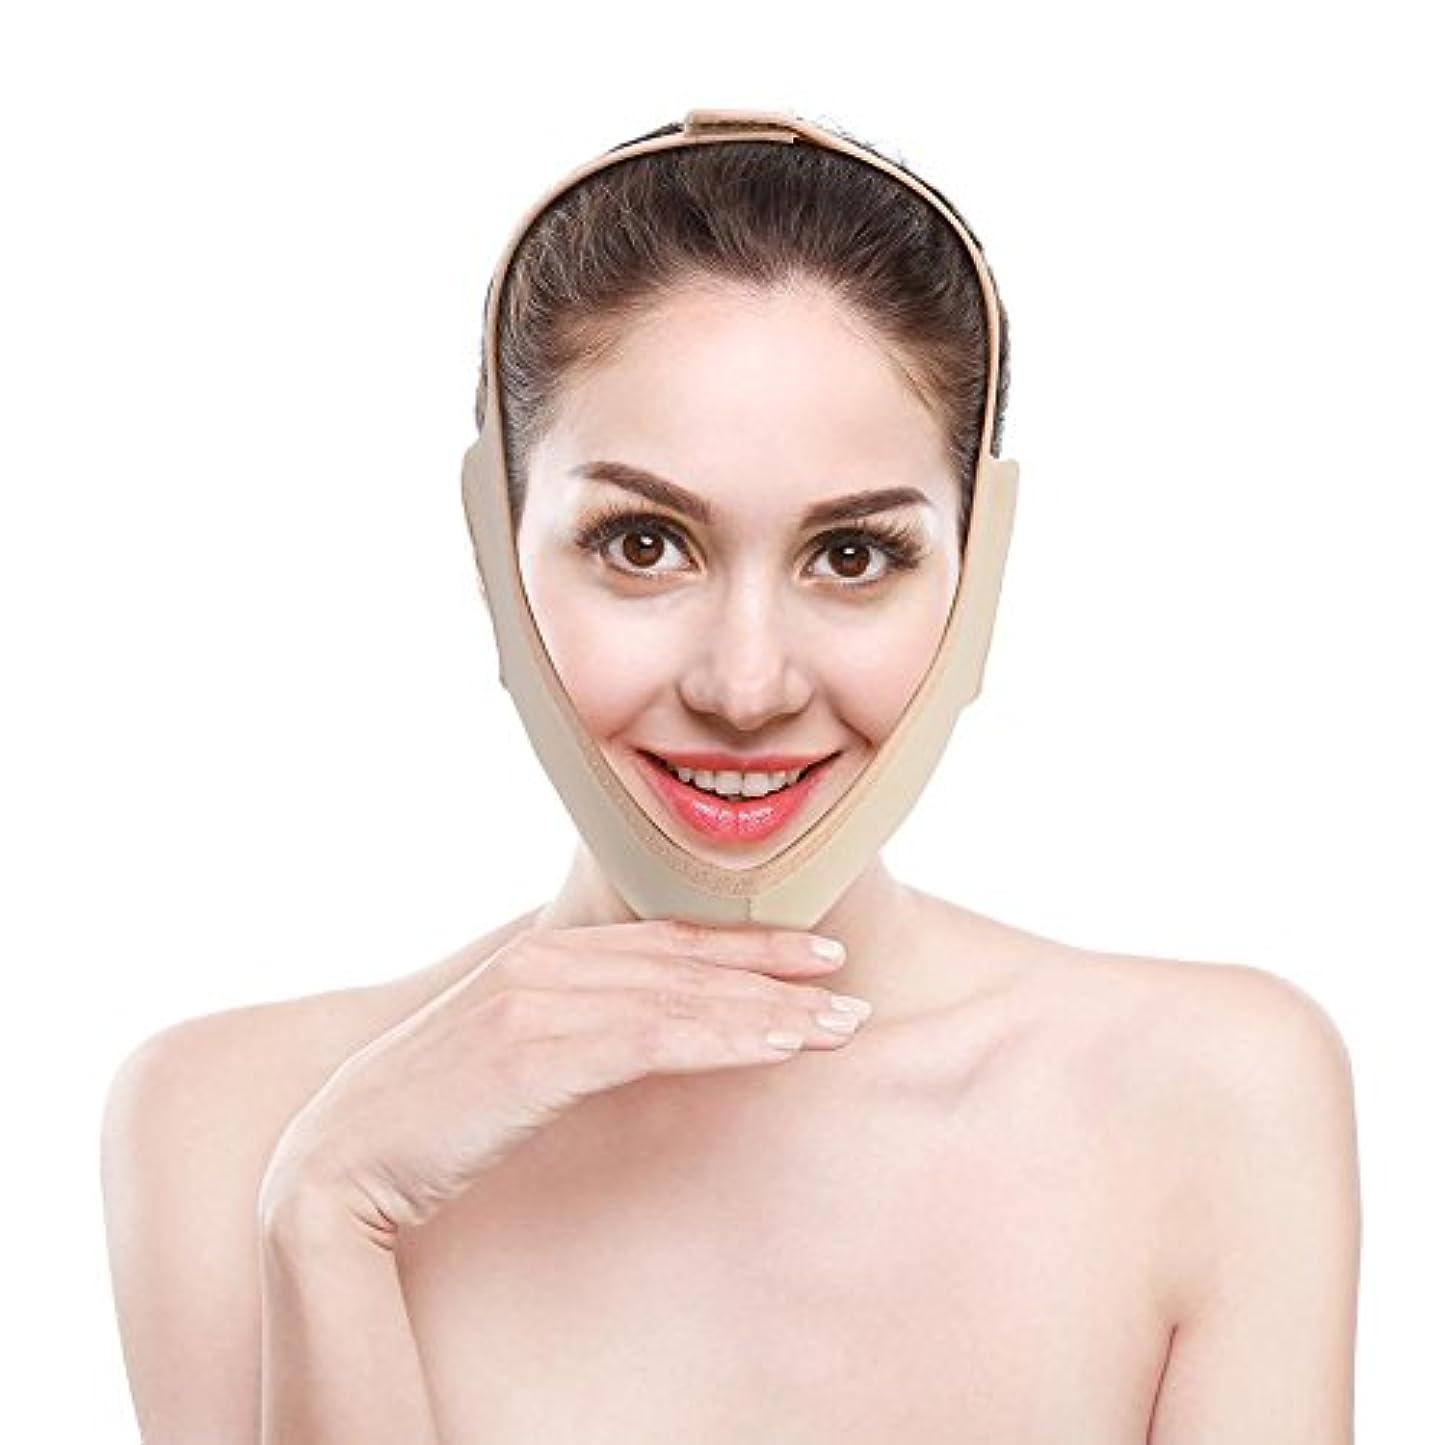 国籍開発前売顔の輪郭を改善するVフェイス包帯、フェイスリフト用フェイスマスク、通気性/伸縮性/非変形性(M)